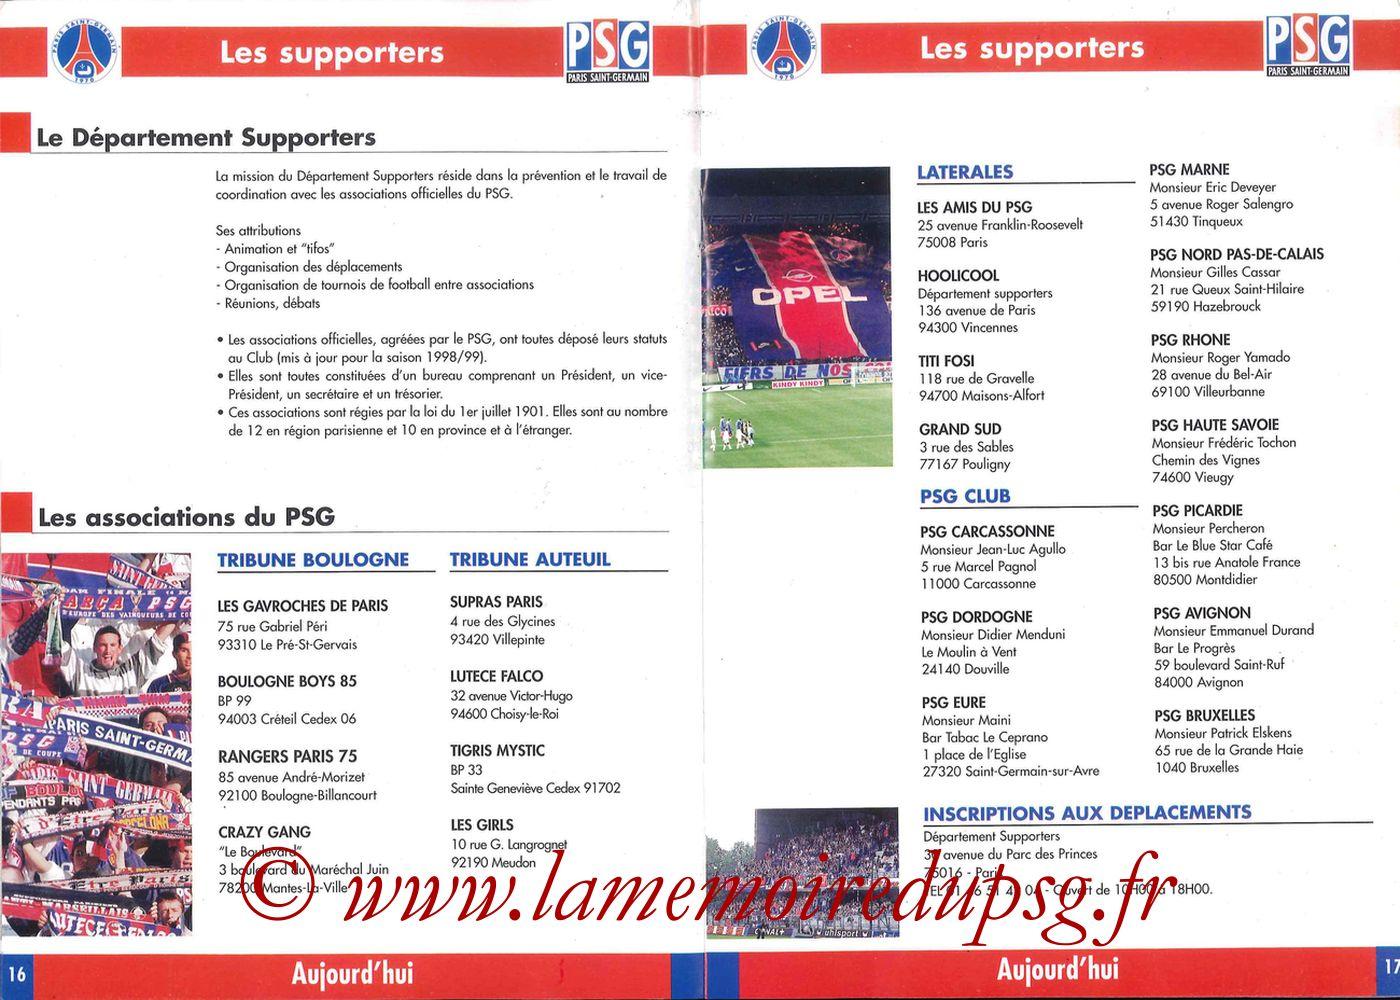 1998-99 - Guide de la Saison PSG - Pages 16 et 17